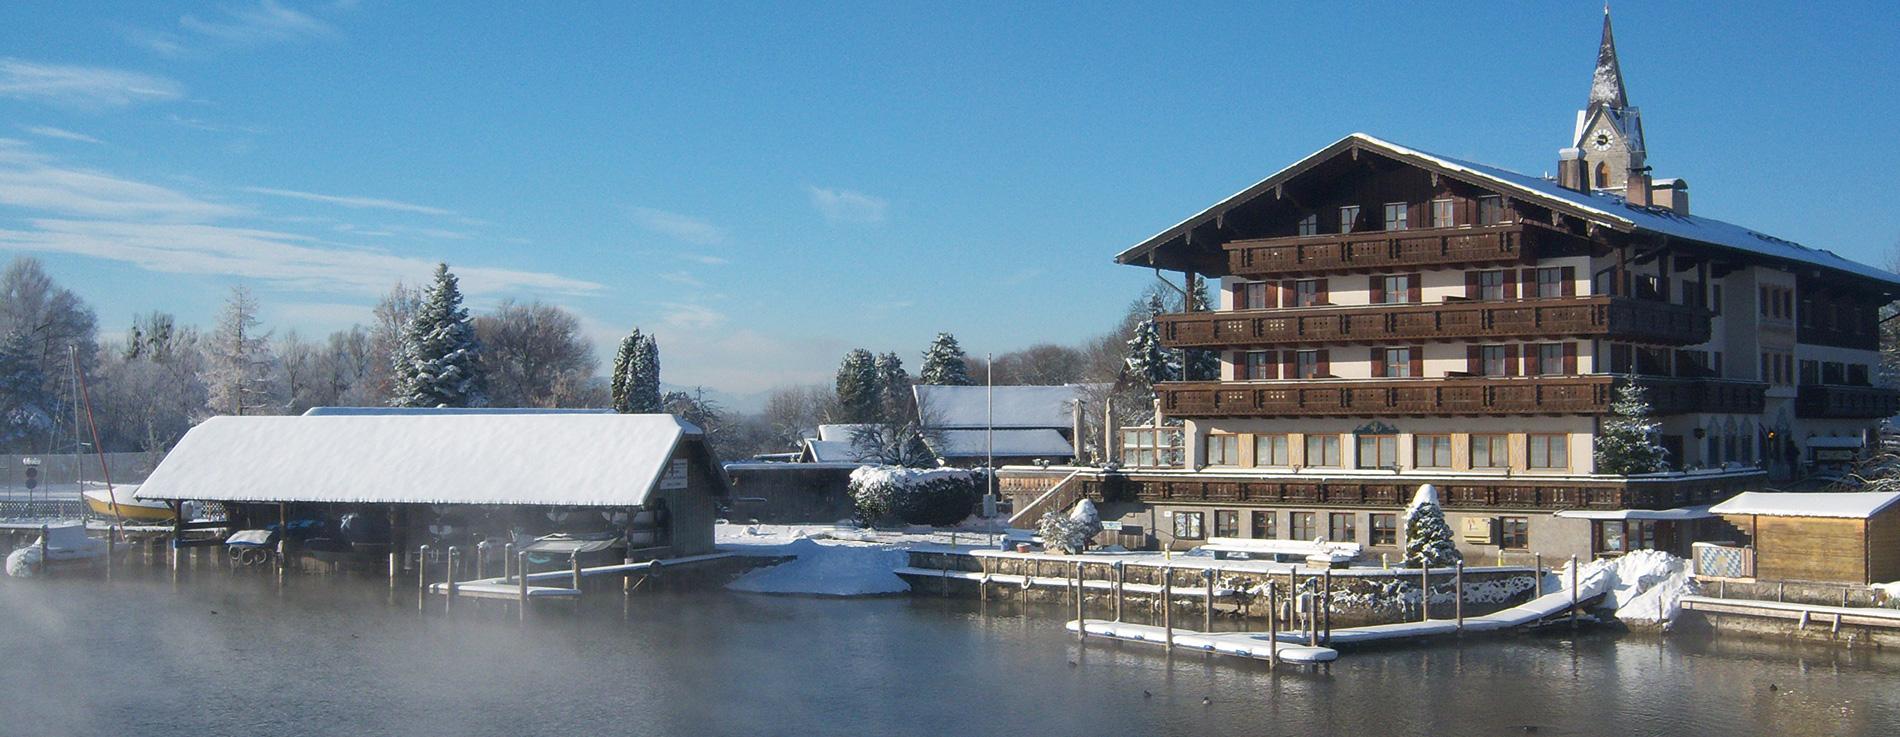 seehotel winter